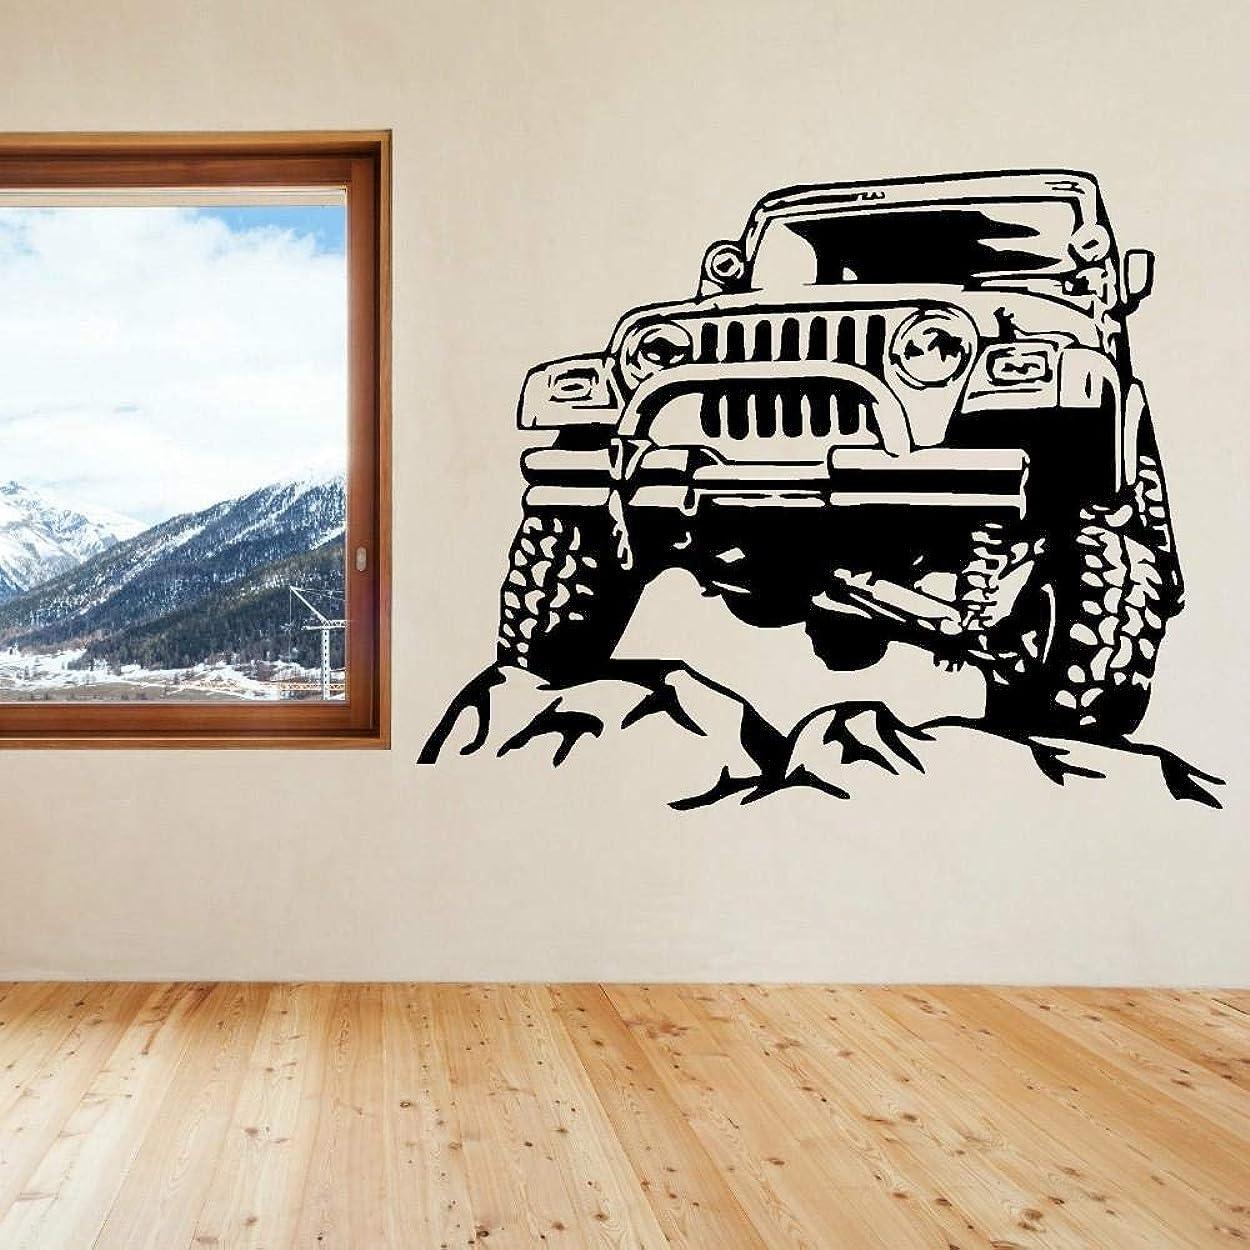 自分を引き上げる温室有益なウォールステッカー リムーバブル 壁紙シール クールなジープカーの家の装飾の芸術家のリビングルームのモダンなファッションの装飾壁の壁画ウォルデカール北欧 アートポスター リビング 居間 寝室 子ども部屋 ウォールデコレーション 58x46cm